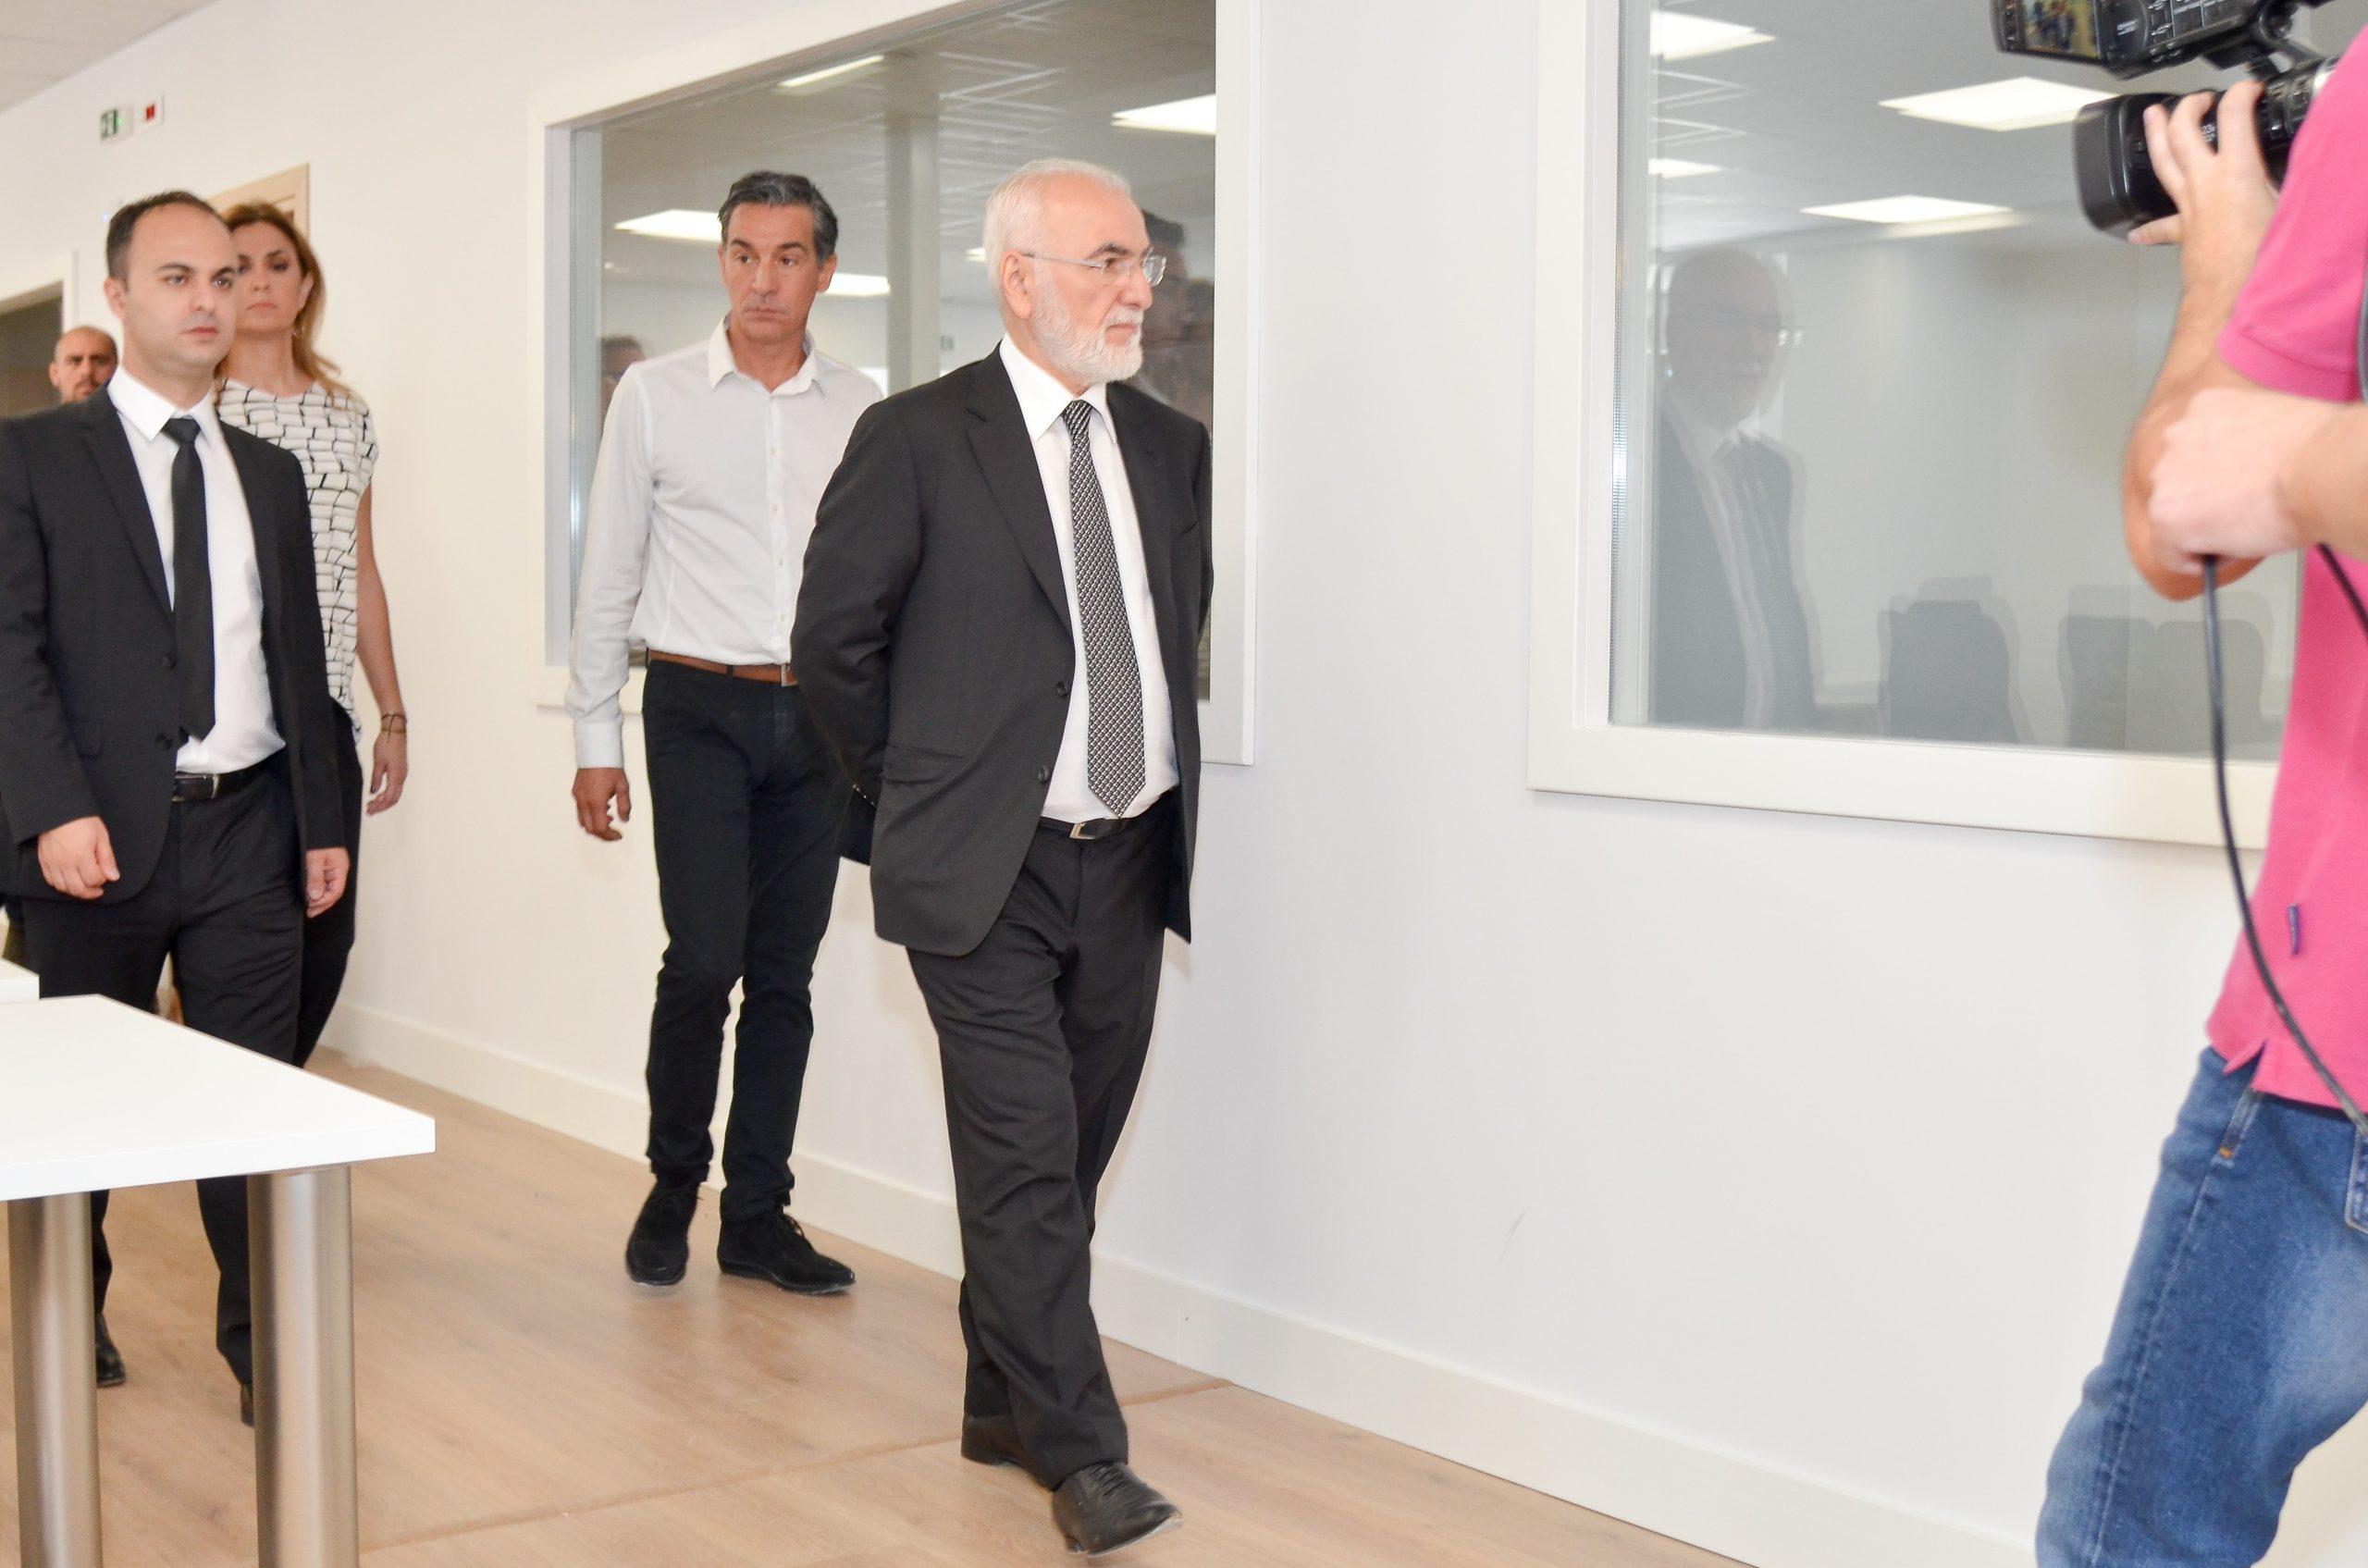 Ιβάν Σαββίδης: Δεν πουλάω ούτε τον ΠΑΟΚ, ούτε το Open